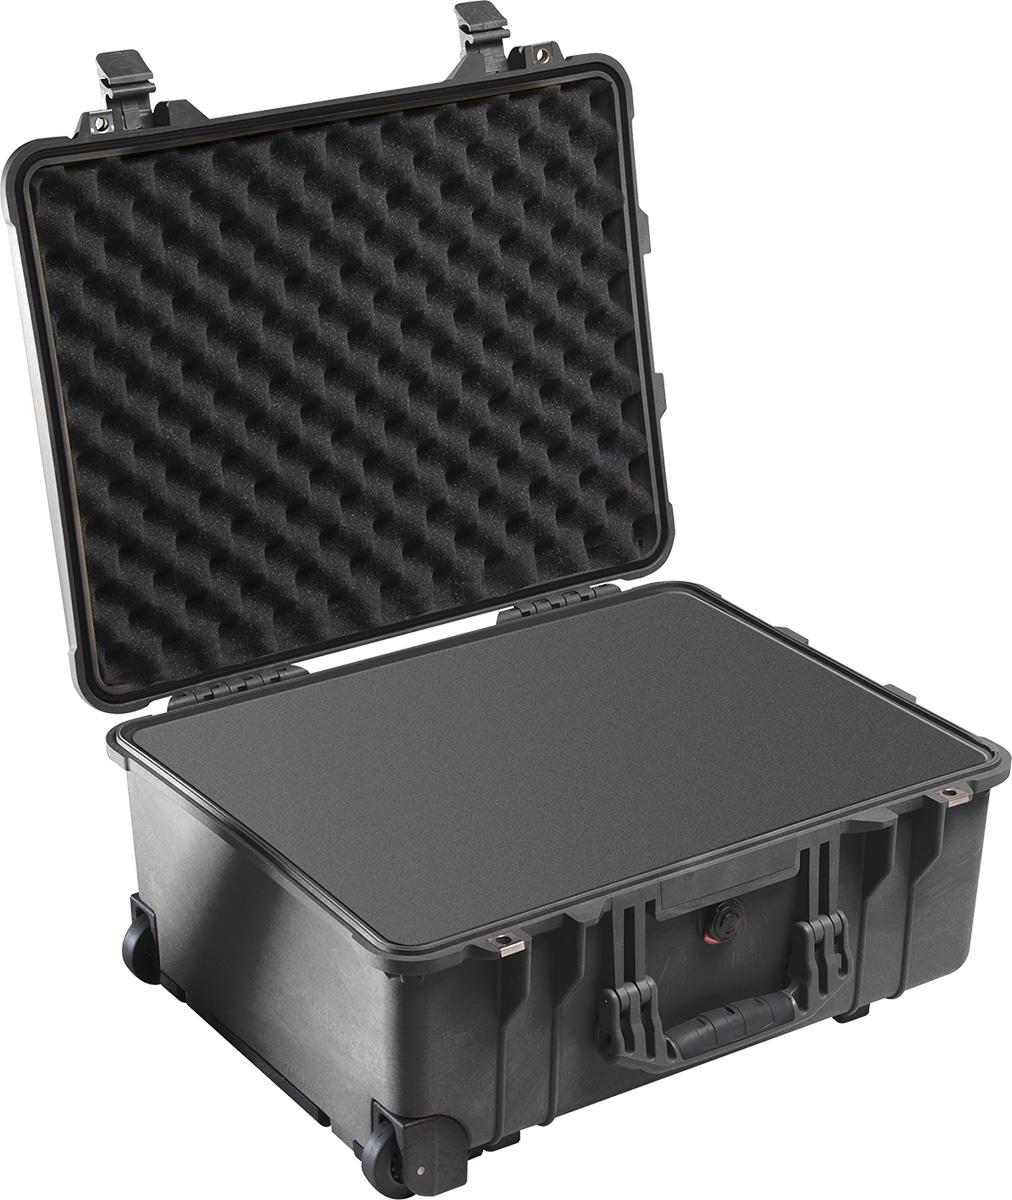 pelican 1560 black dustproof foam case